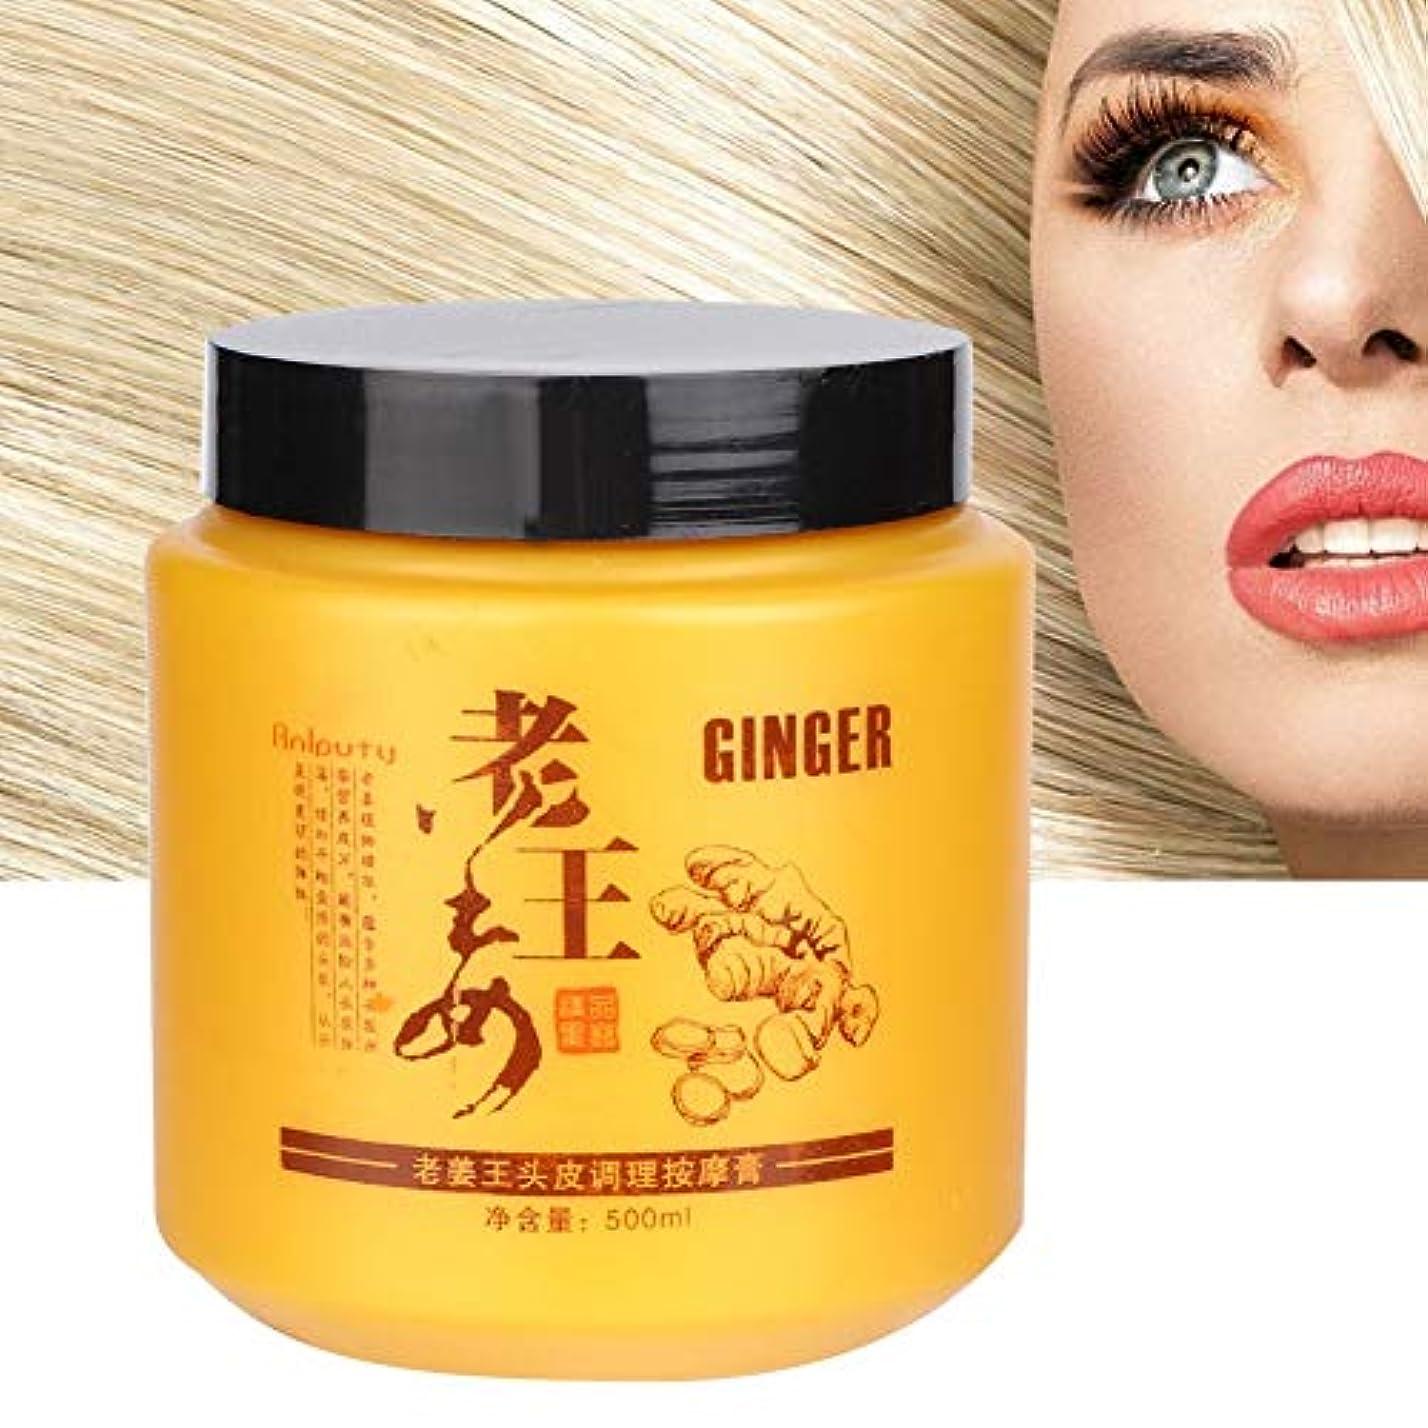 仲人懲戒すなわちヘアマスク、保湿強化粘り強く修復ダメージを受けたヘアマスク用女性頭皮コンディショニングマッサージクリーム500ミリリットル